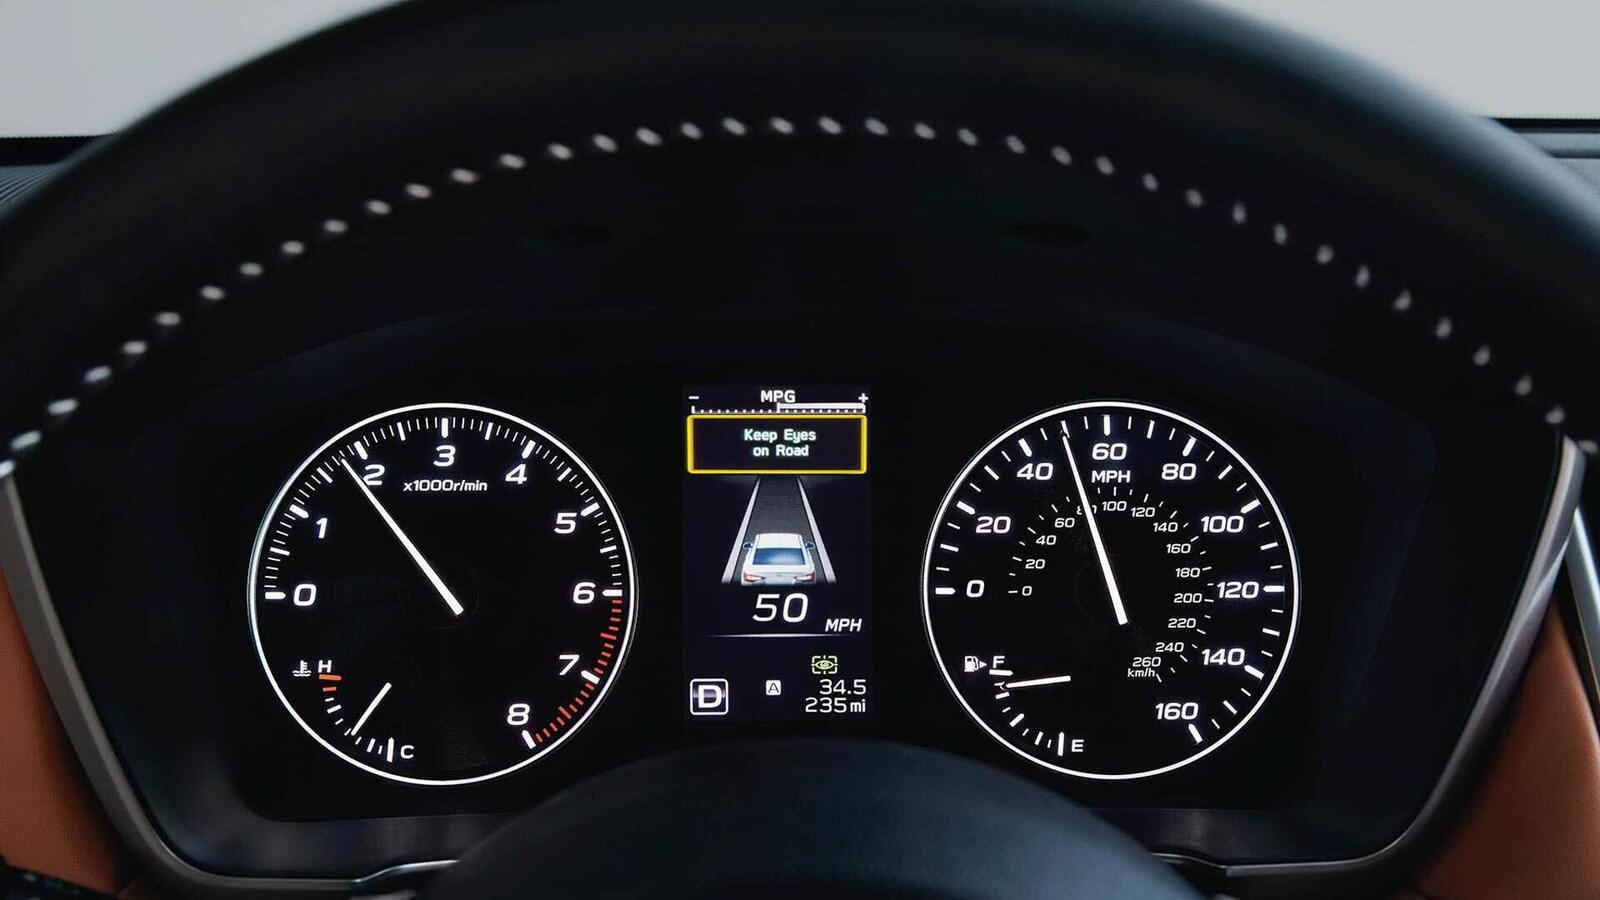 Subaru Legacy thế hệ mới ra mắt; đổi mới thiết kế; có thêm động cơ 2.5L tăng áp - Hình 11